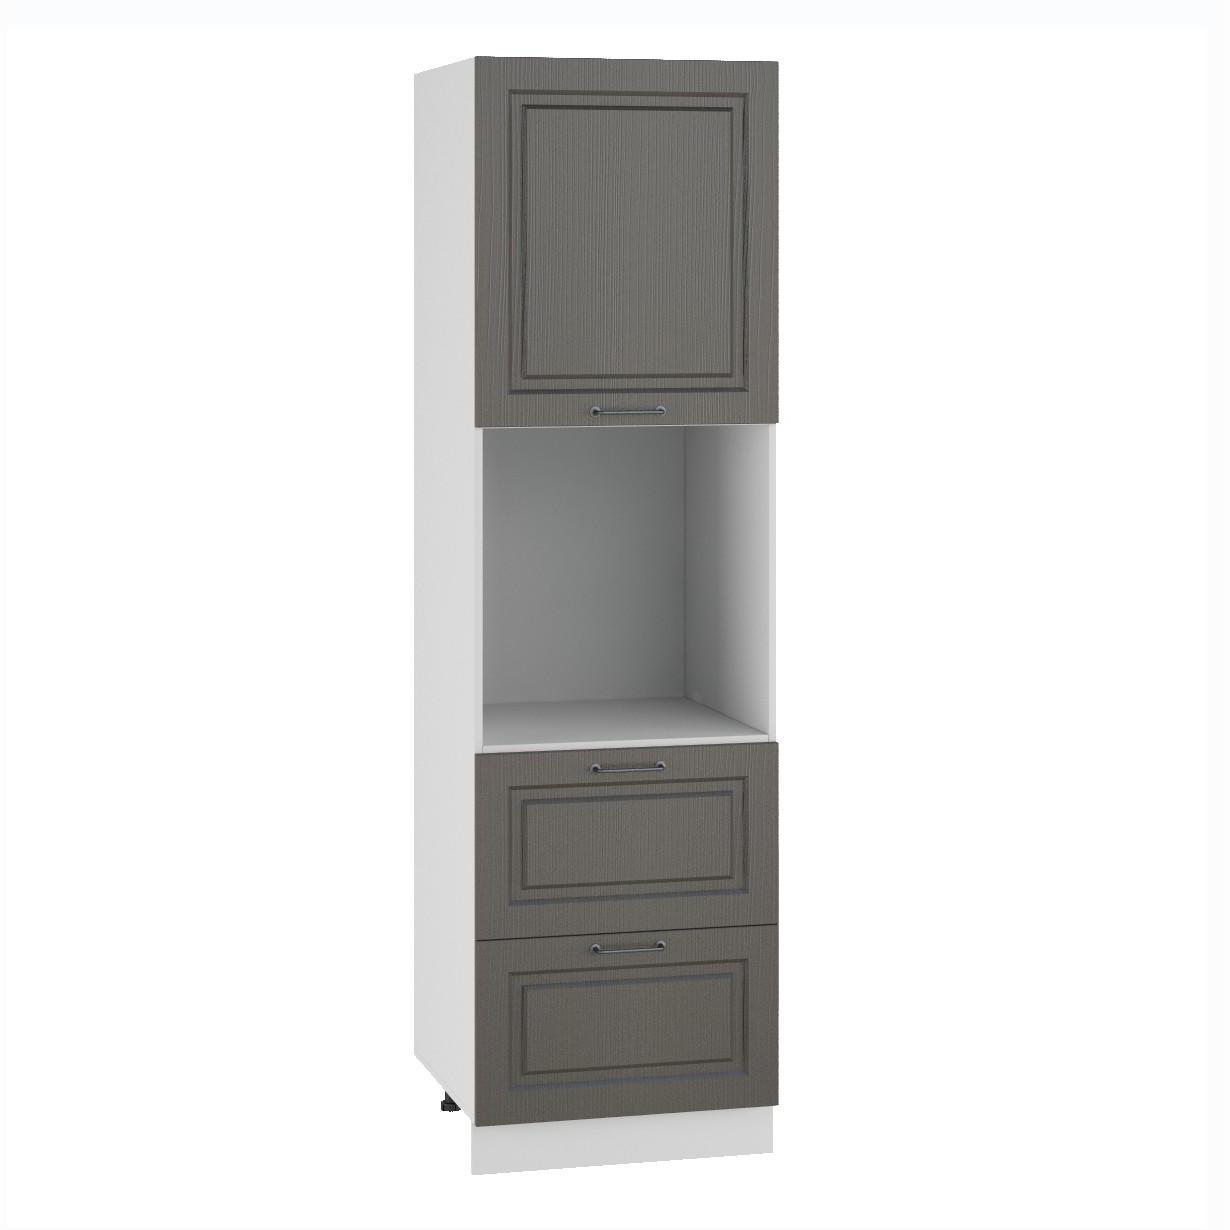 Кухня Капри ПНЯ 600 Шкаф-пенал